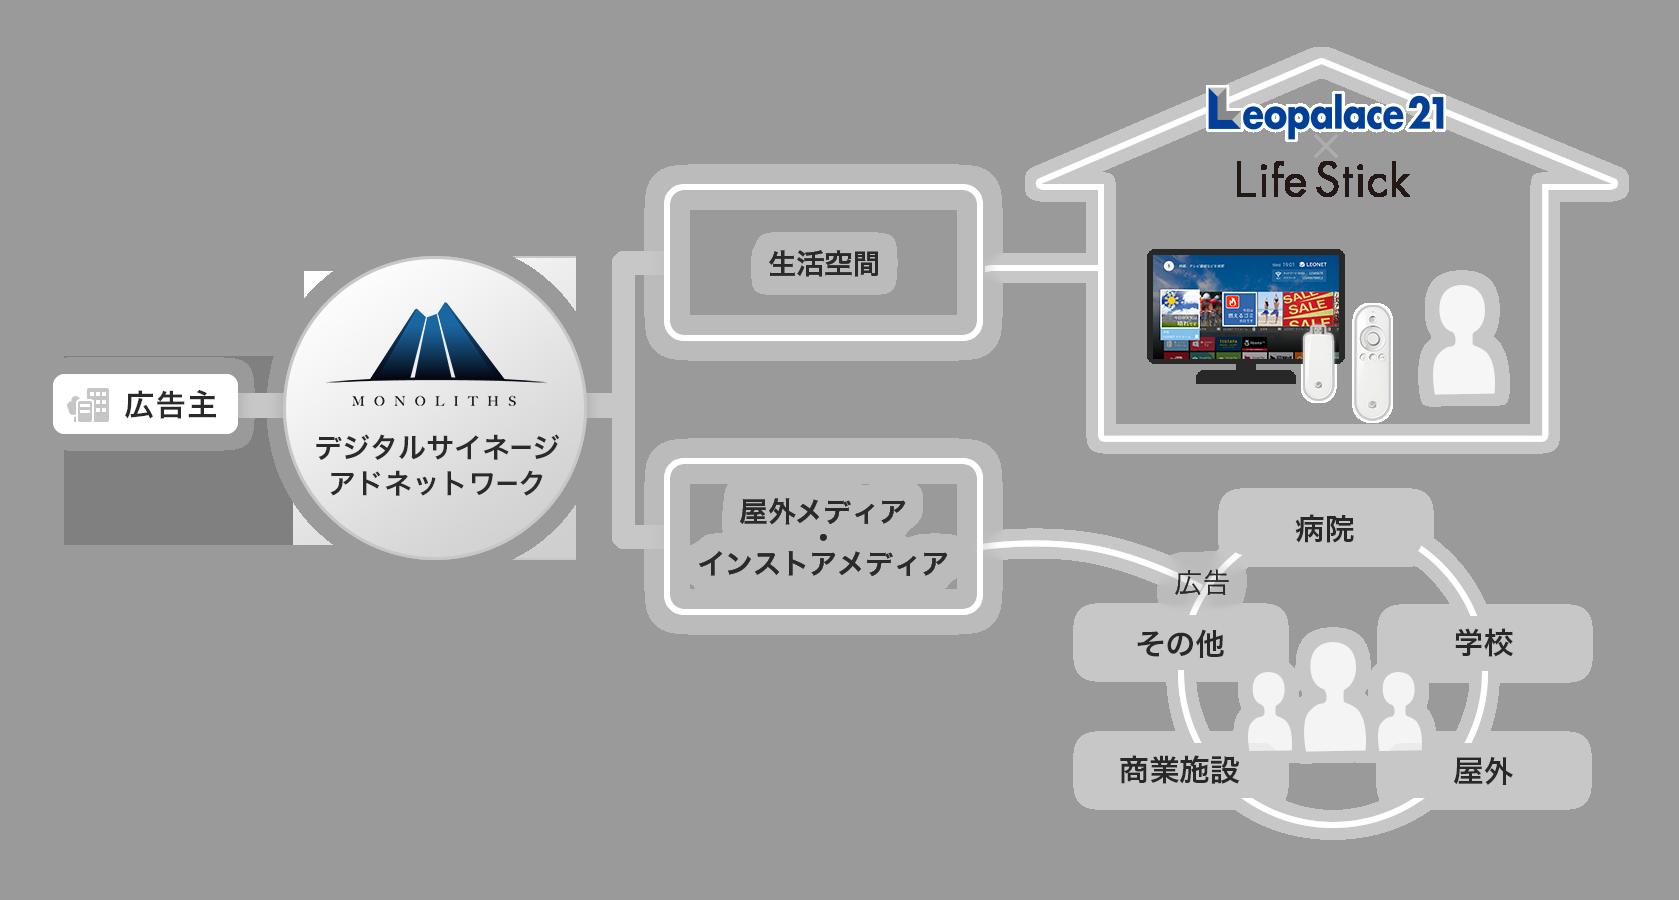 マイクロアドデジタルサイネージ